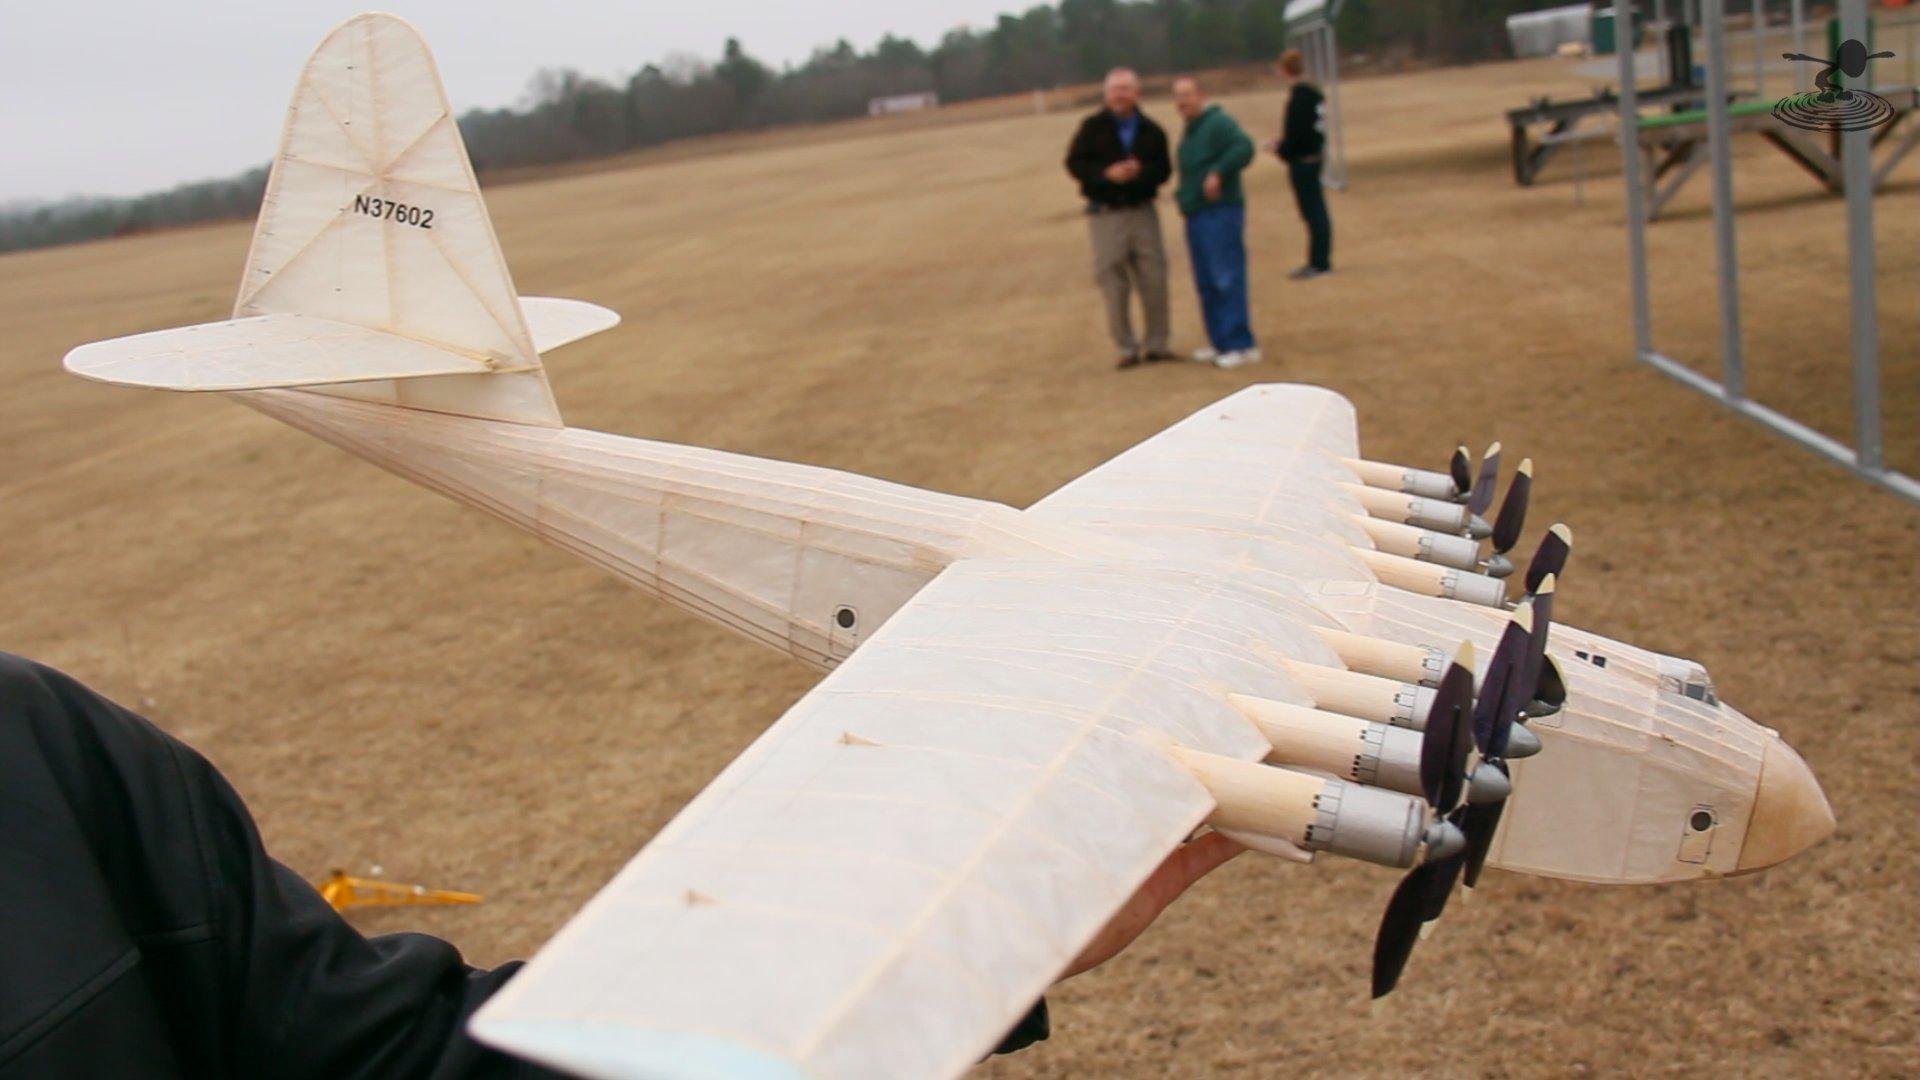 Rocket Glider & Free Flight   Flite Test